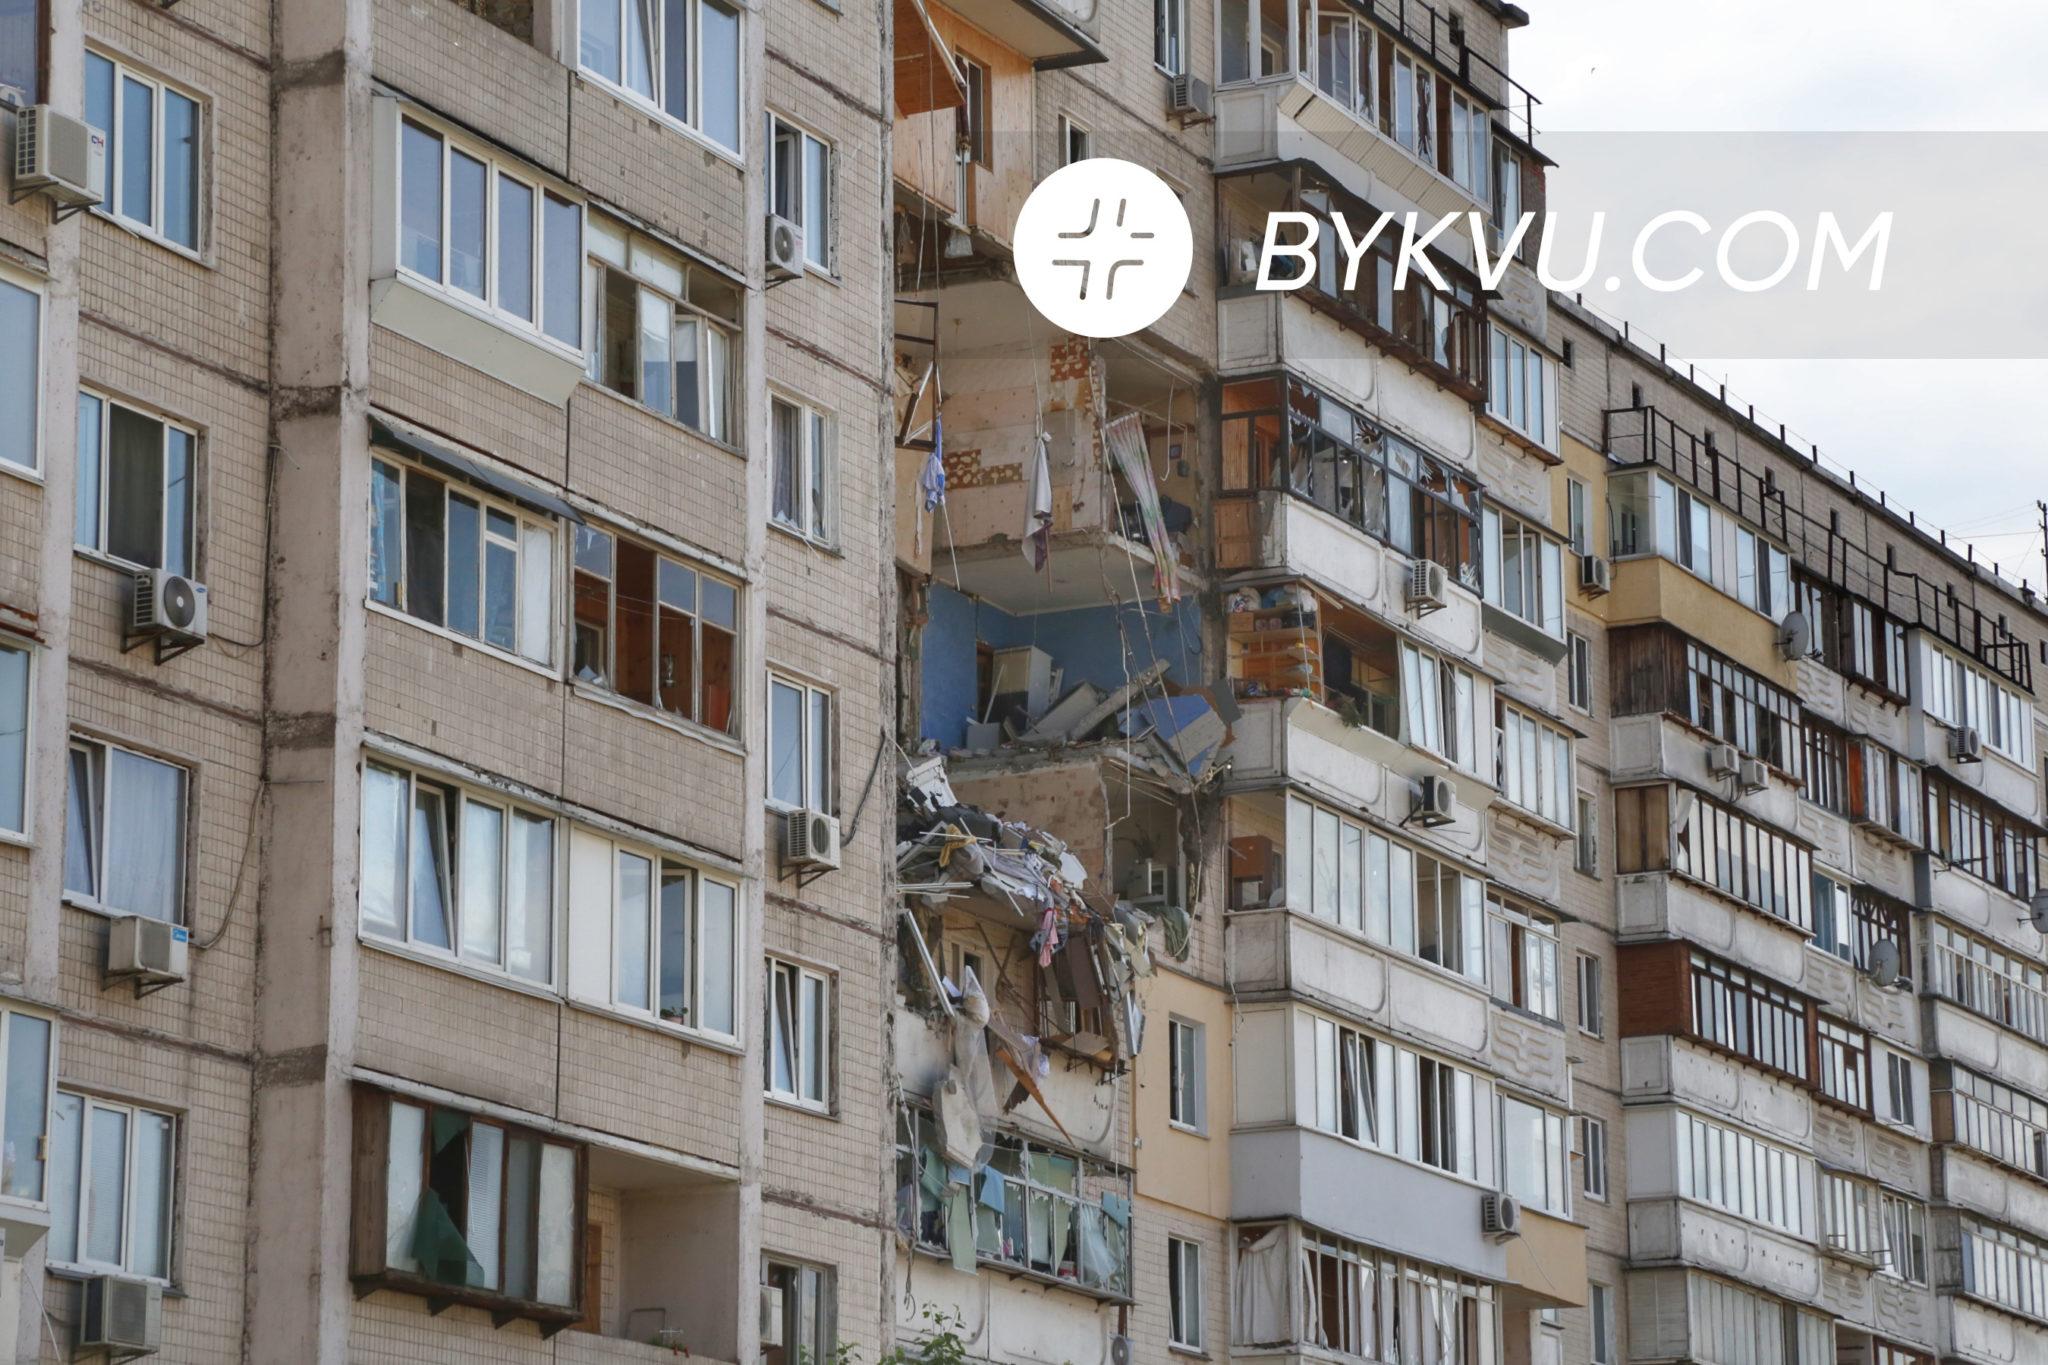 Київ_багатоповерхівка_Крушельницької_вибух